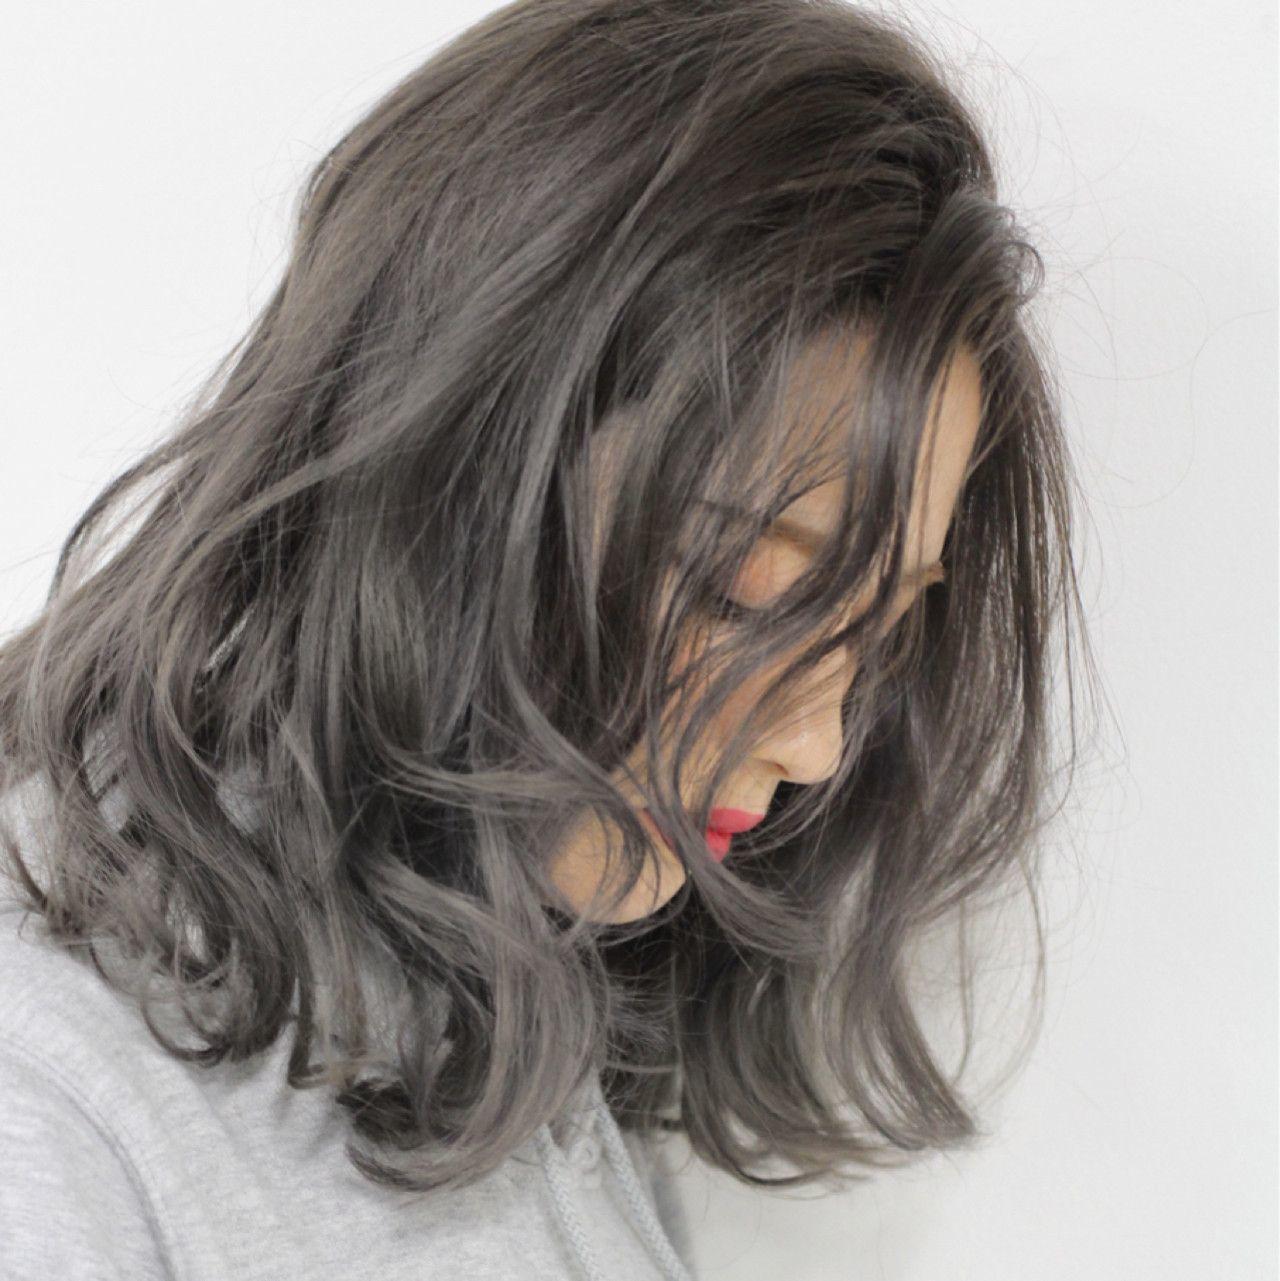 愛されヘアを目指そう♡コスメパーマとデジタルパーマを徹底解説!の3枚目の画像